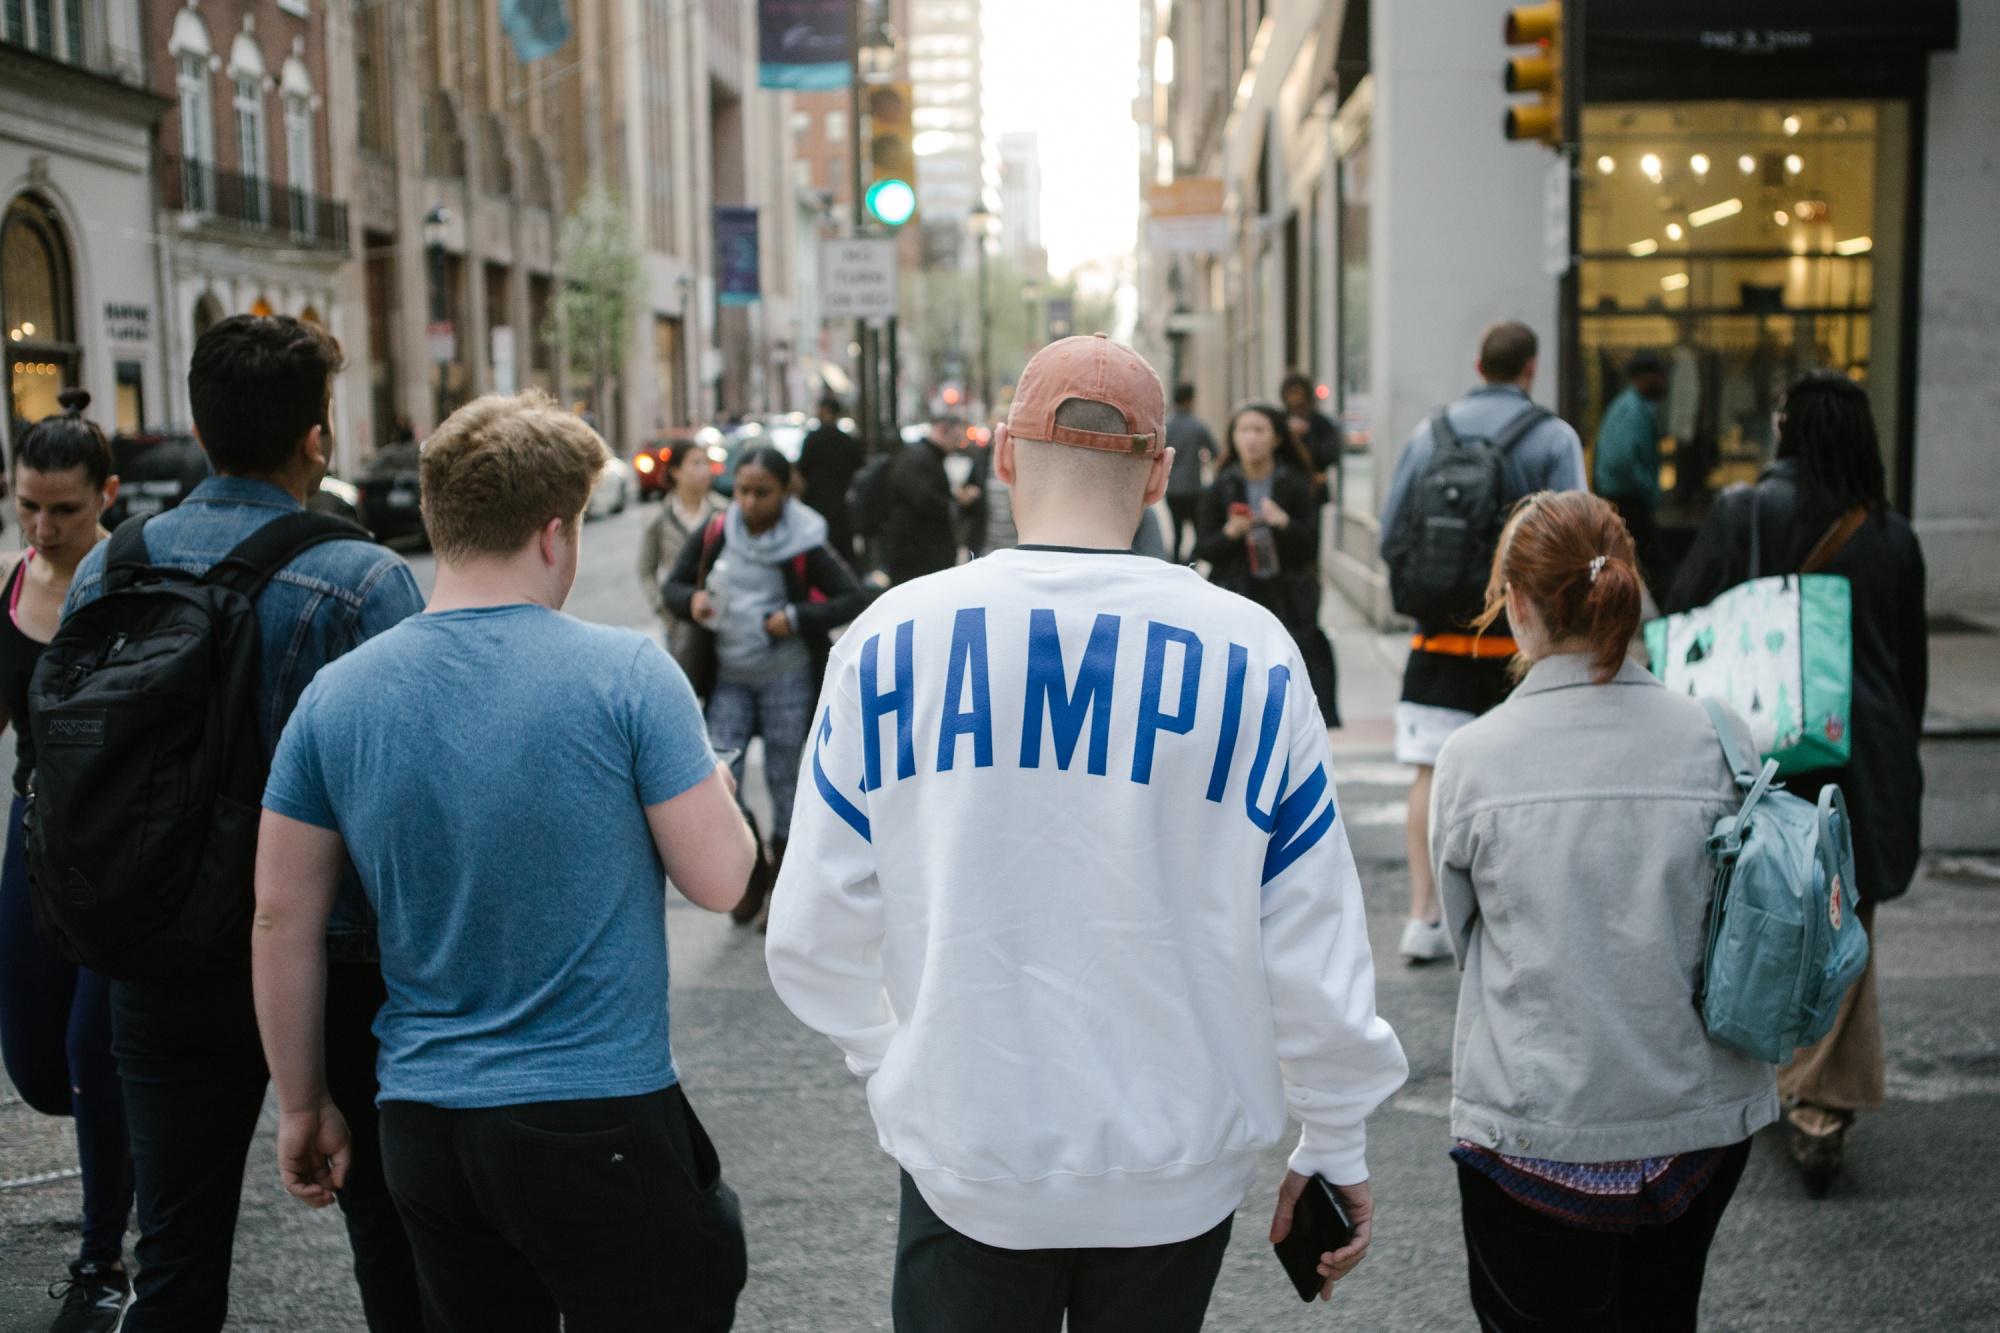 A pedestrian wears a Champion sweatshirt near the company store in Philadelphia.